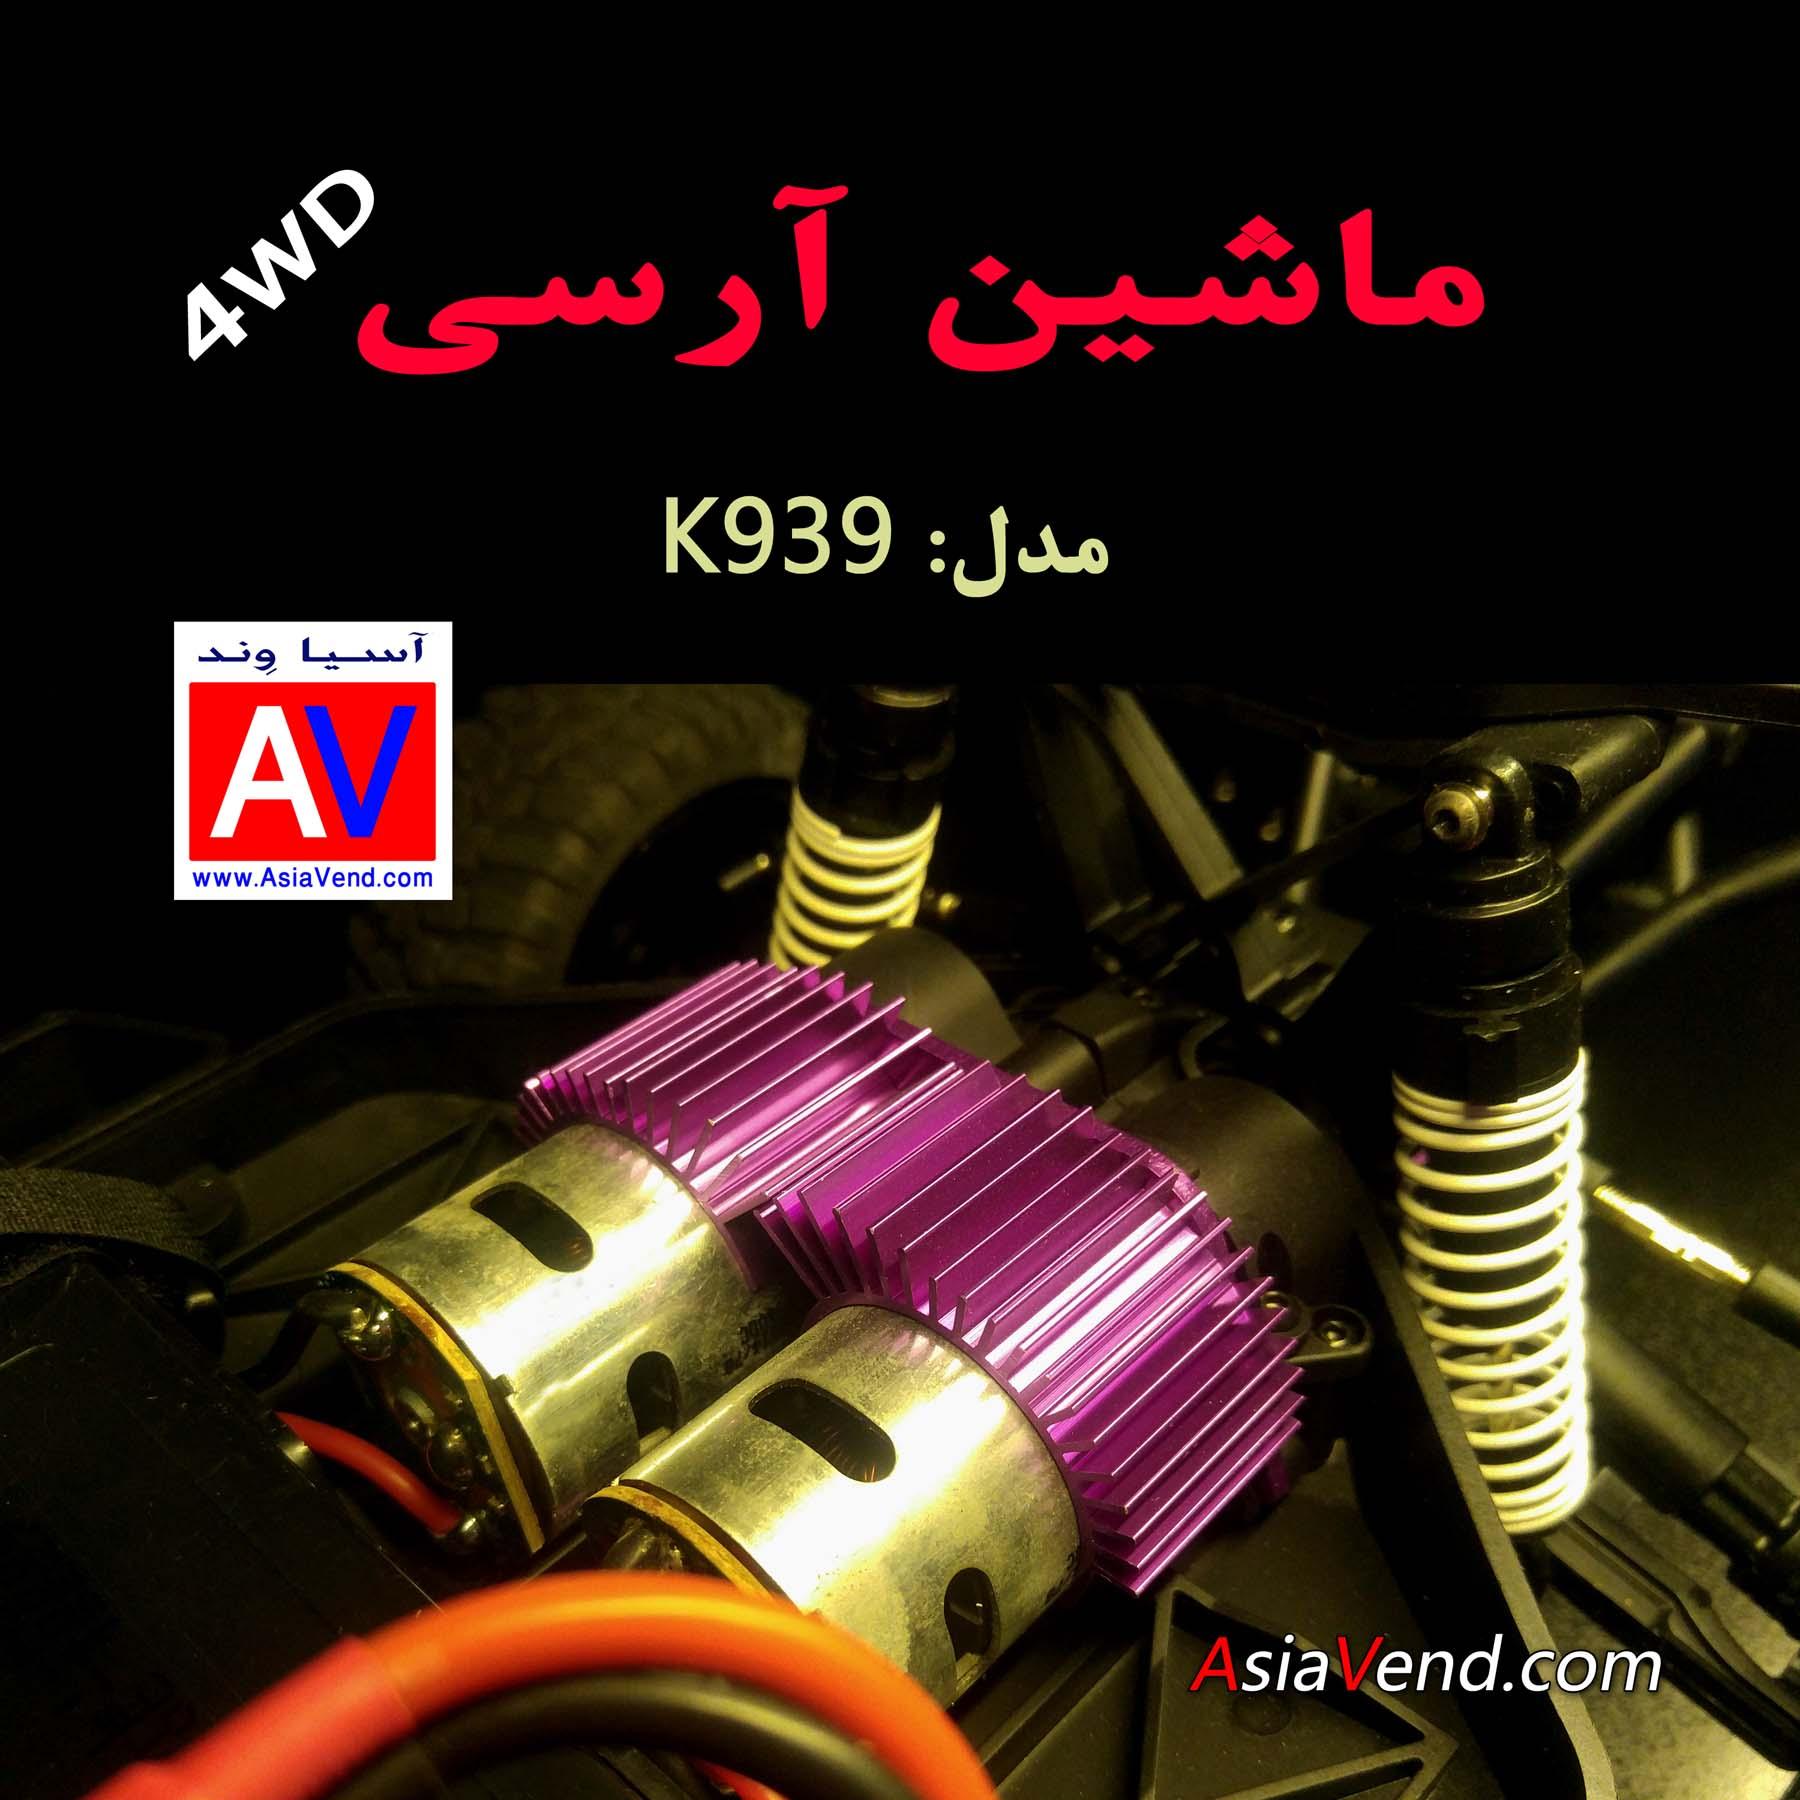 ماشین آرسی الکتریکی دو مووتوره K939 ماشین کنترلی آفرود مدل Wltoys K939